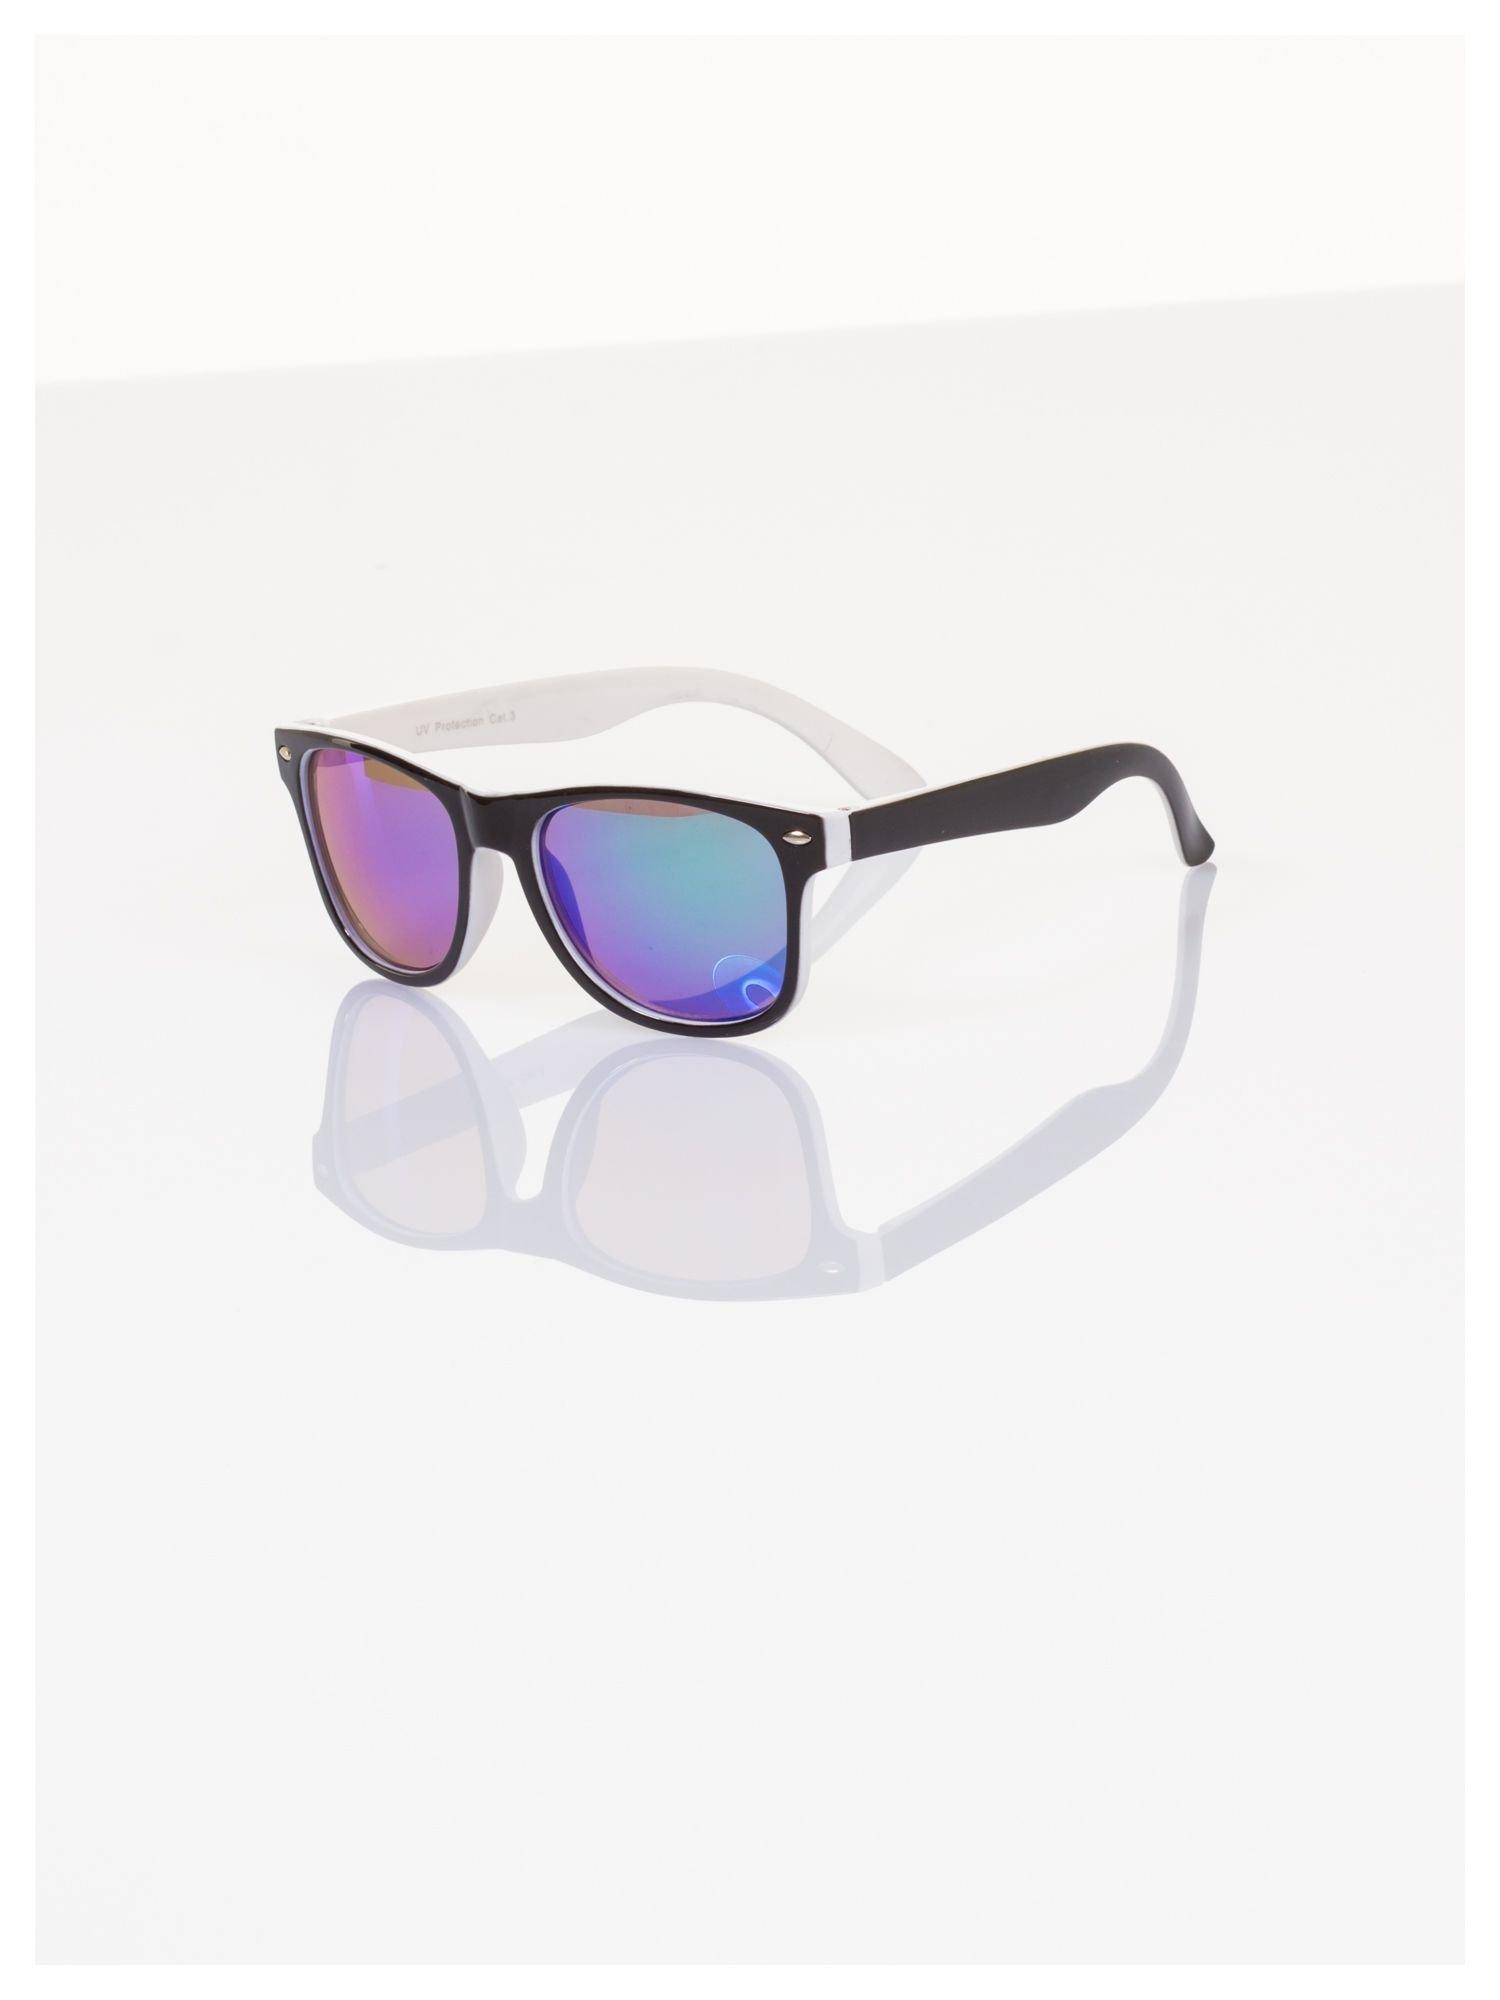 Dziecięce lustrzanki okulary z klasyczną oprawką WEYFARER NERD odporne na wyginania                                  zdj.                                  1